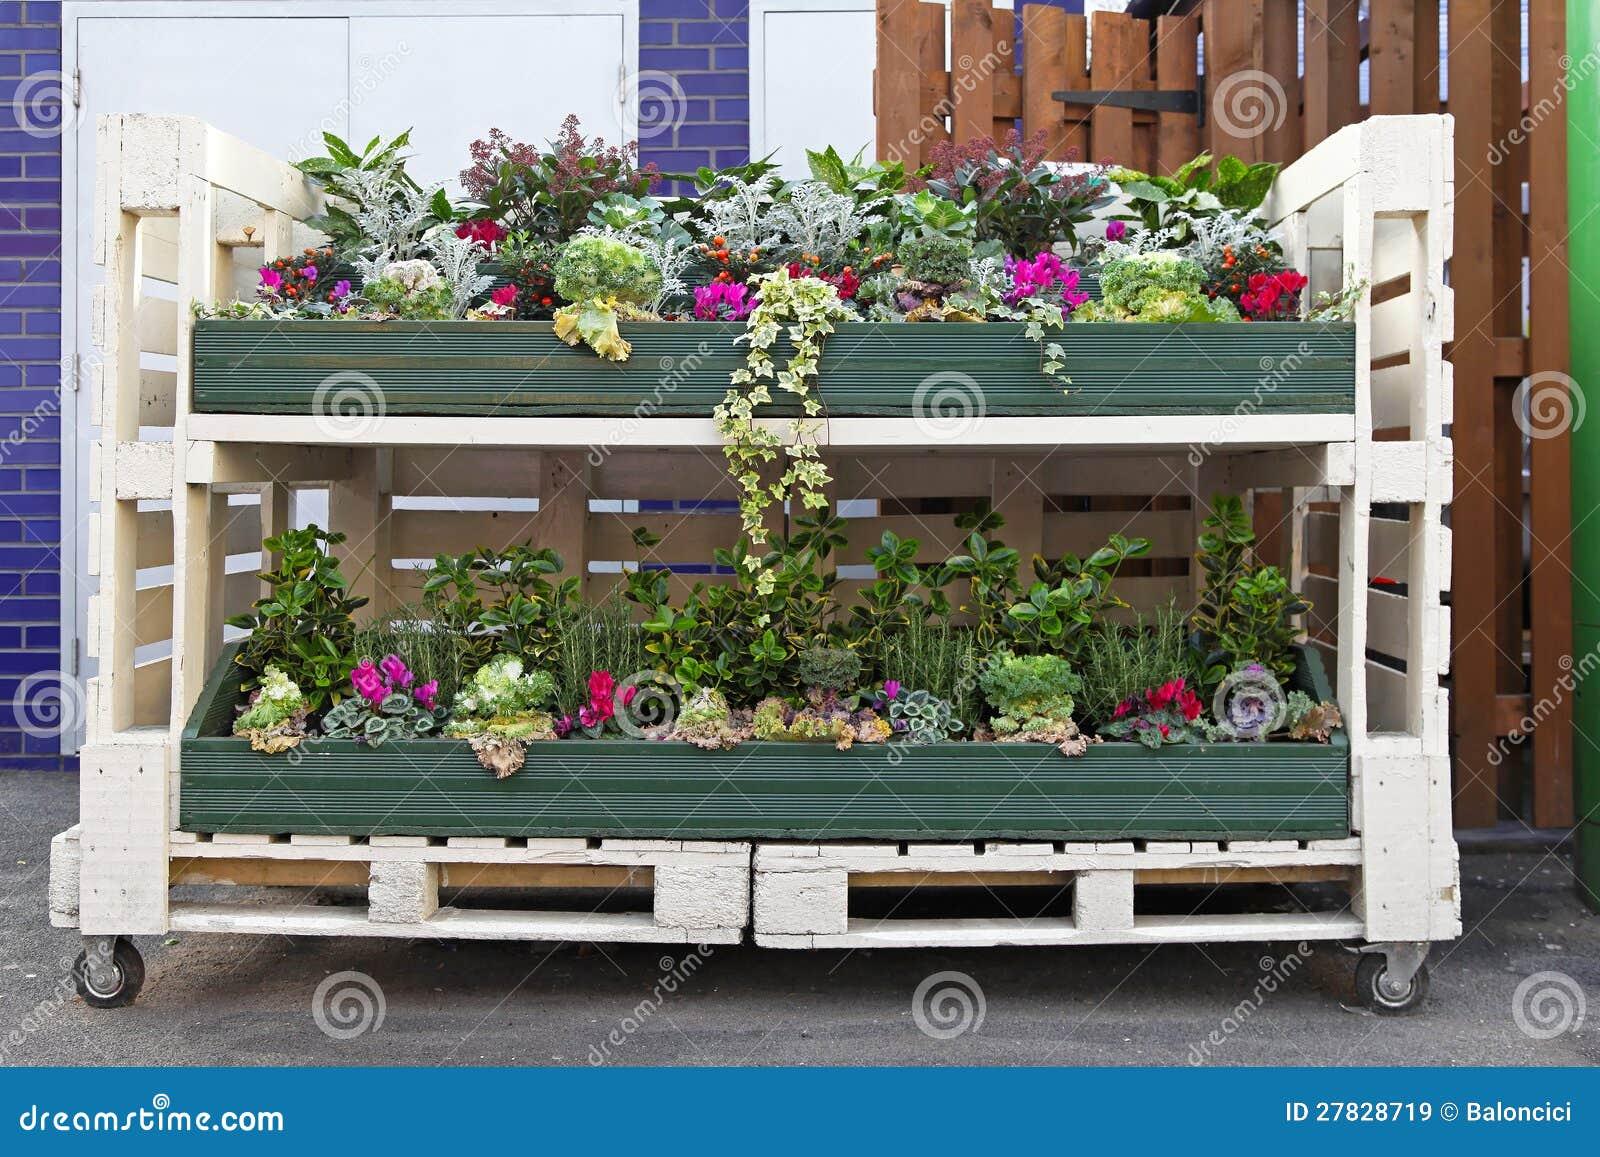 de pallet van bloemen royalty vrije stock afbeeldingen. Black Bedroom Furniture Sets. Home Design Ideas